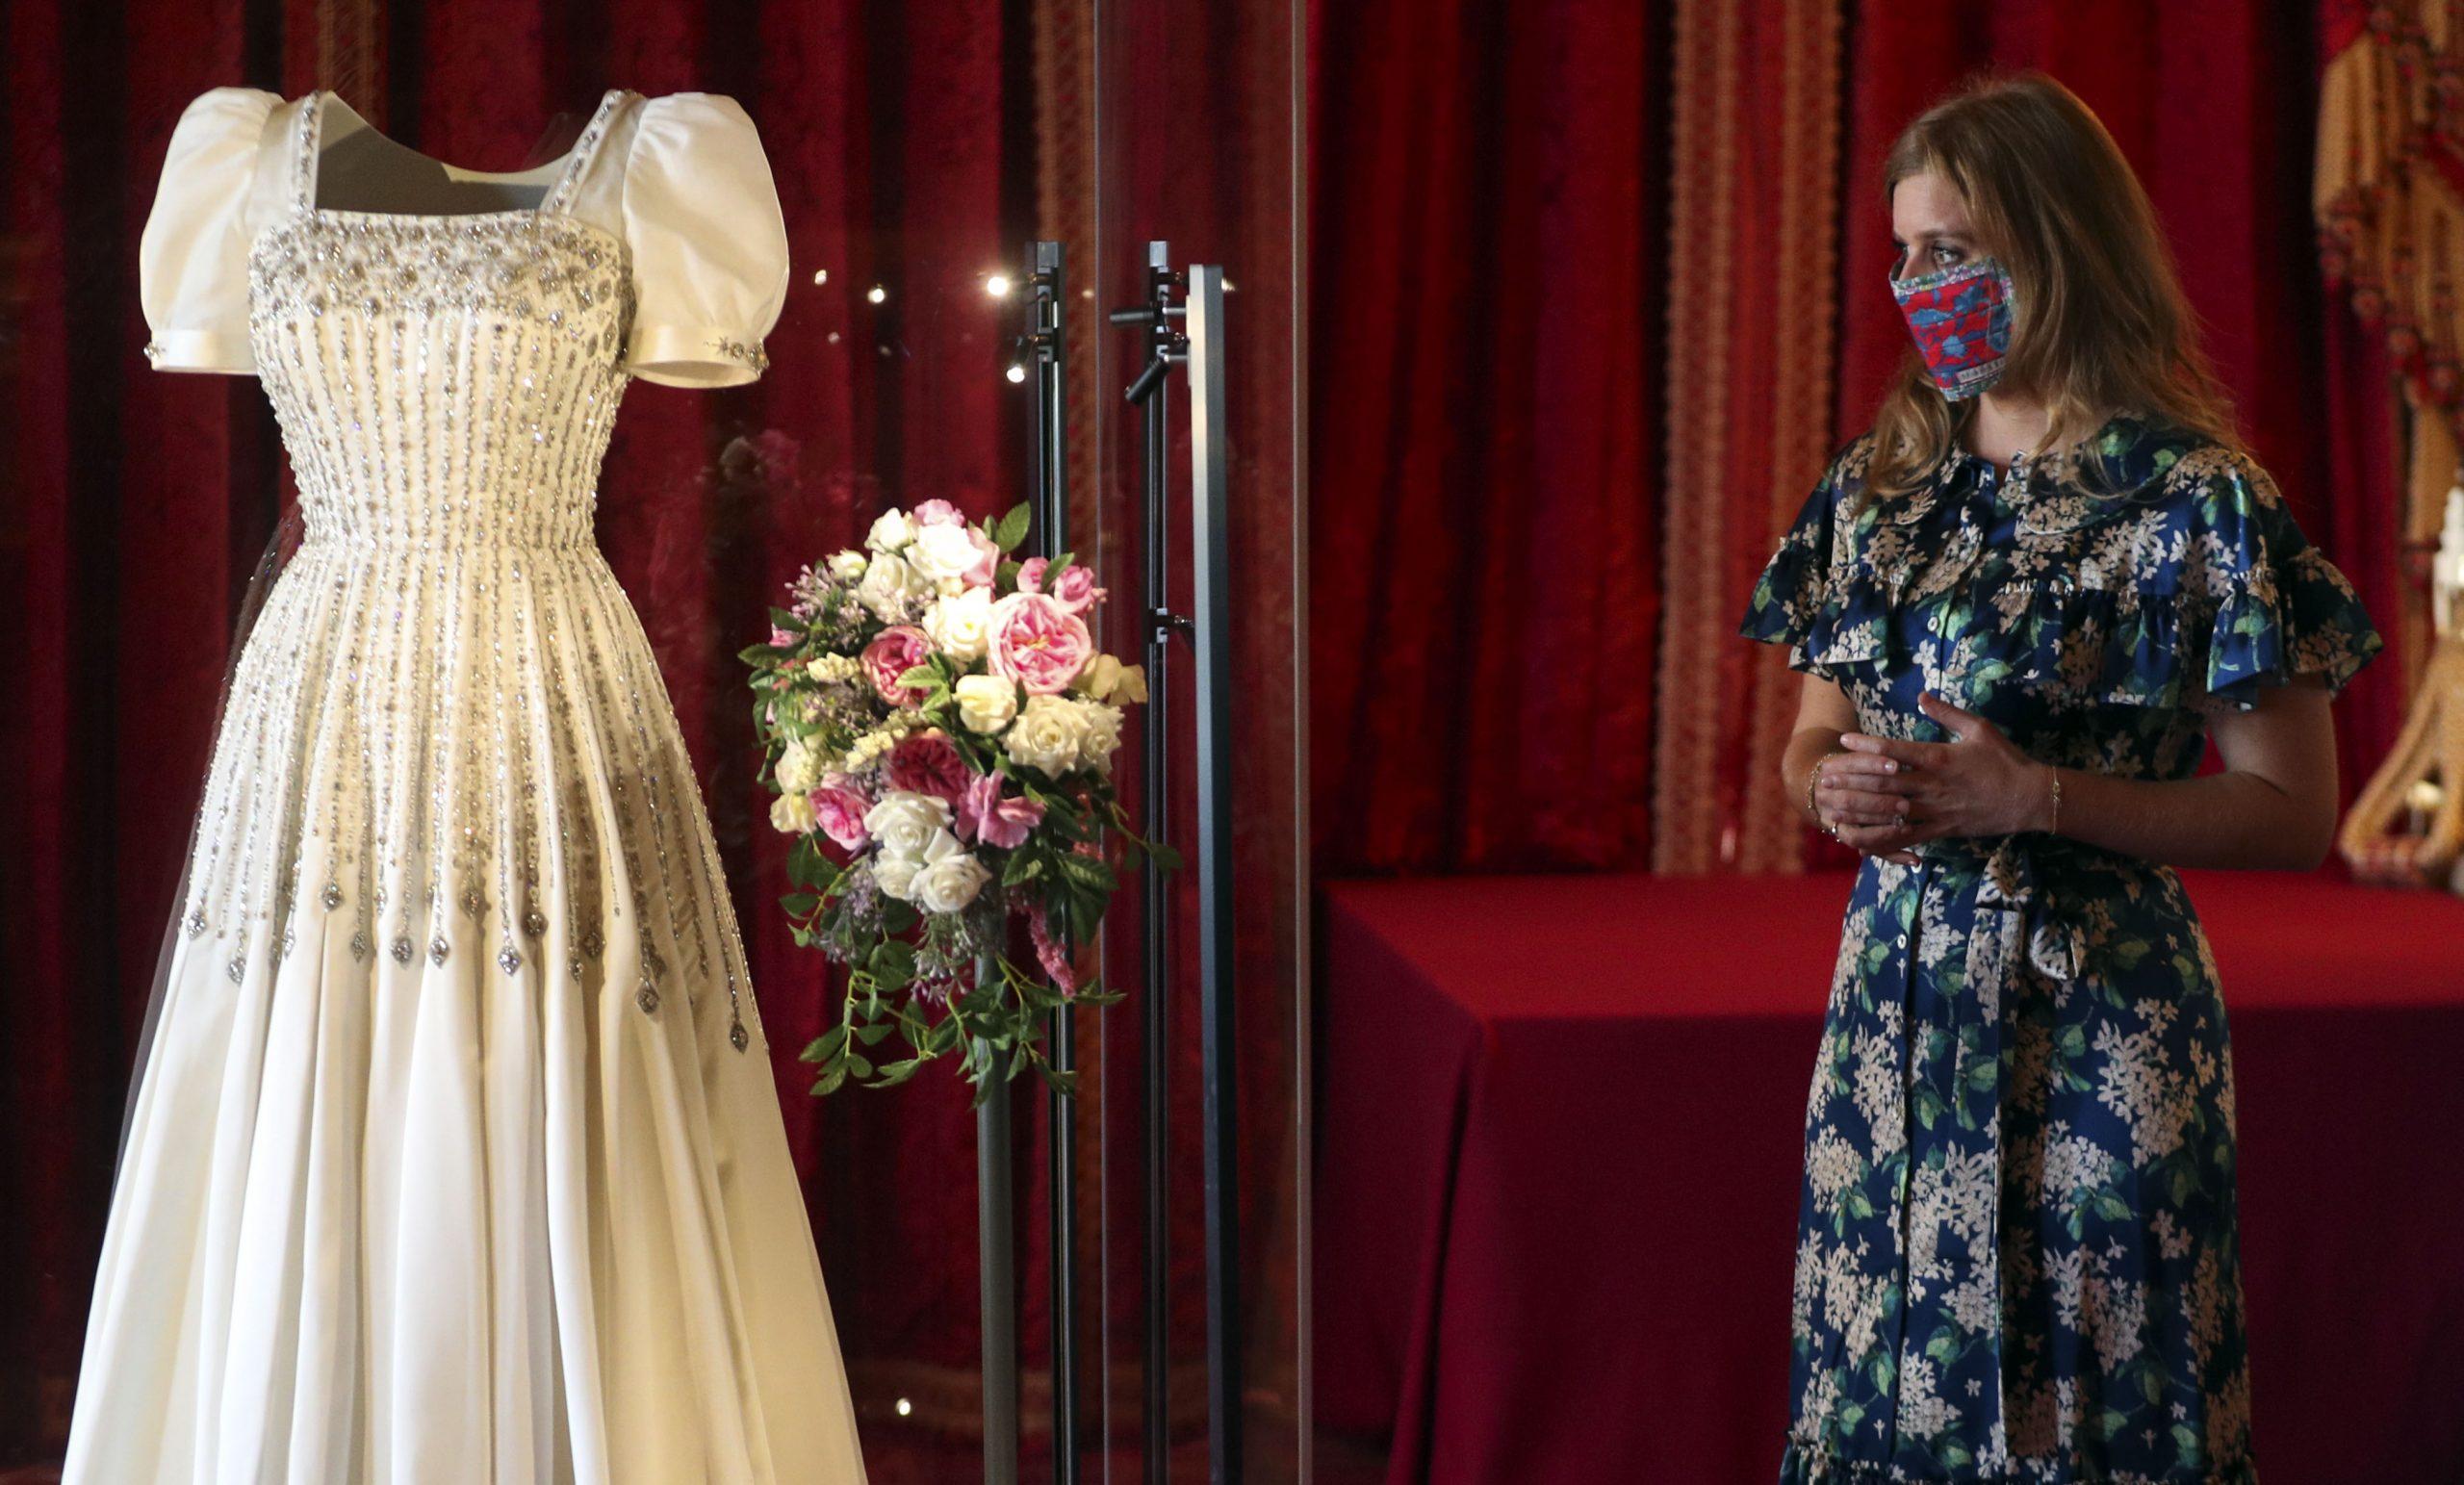 La princesse Beatrice admire sa robe de mariée exposée au château de Windsor.